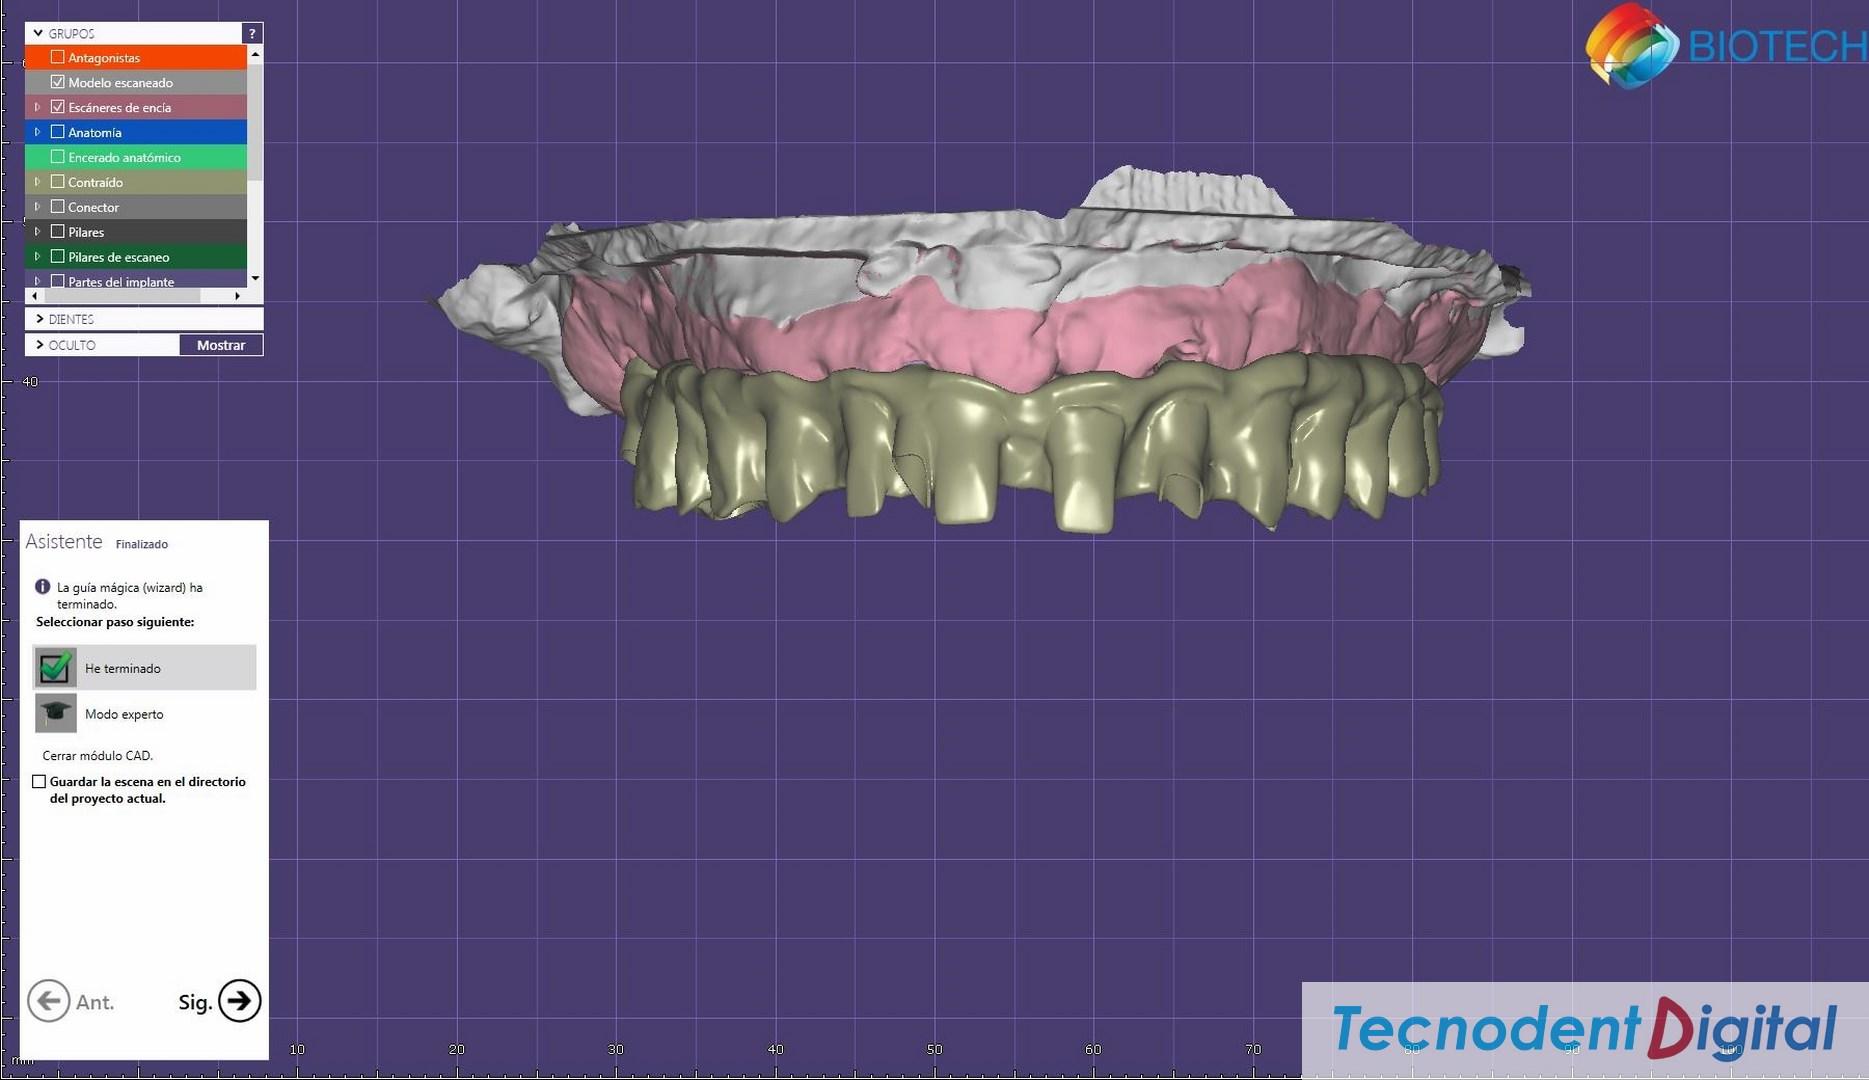 Rehabilitacion sobre implantes Exocad thimble para coronas